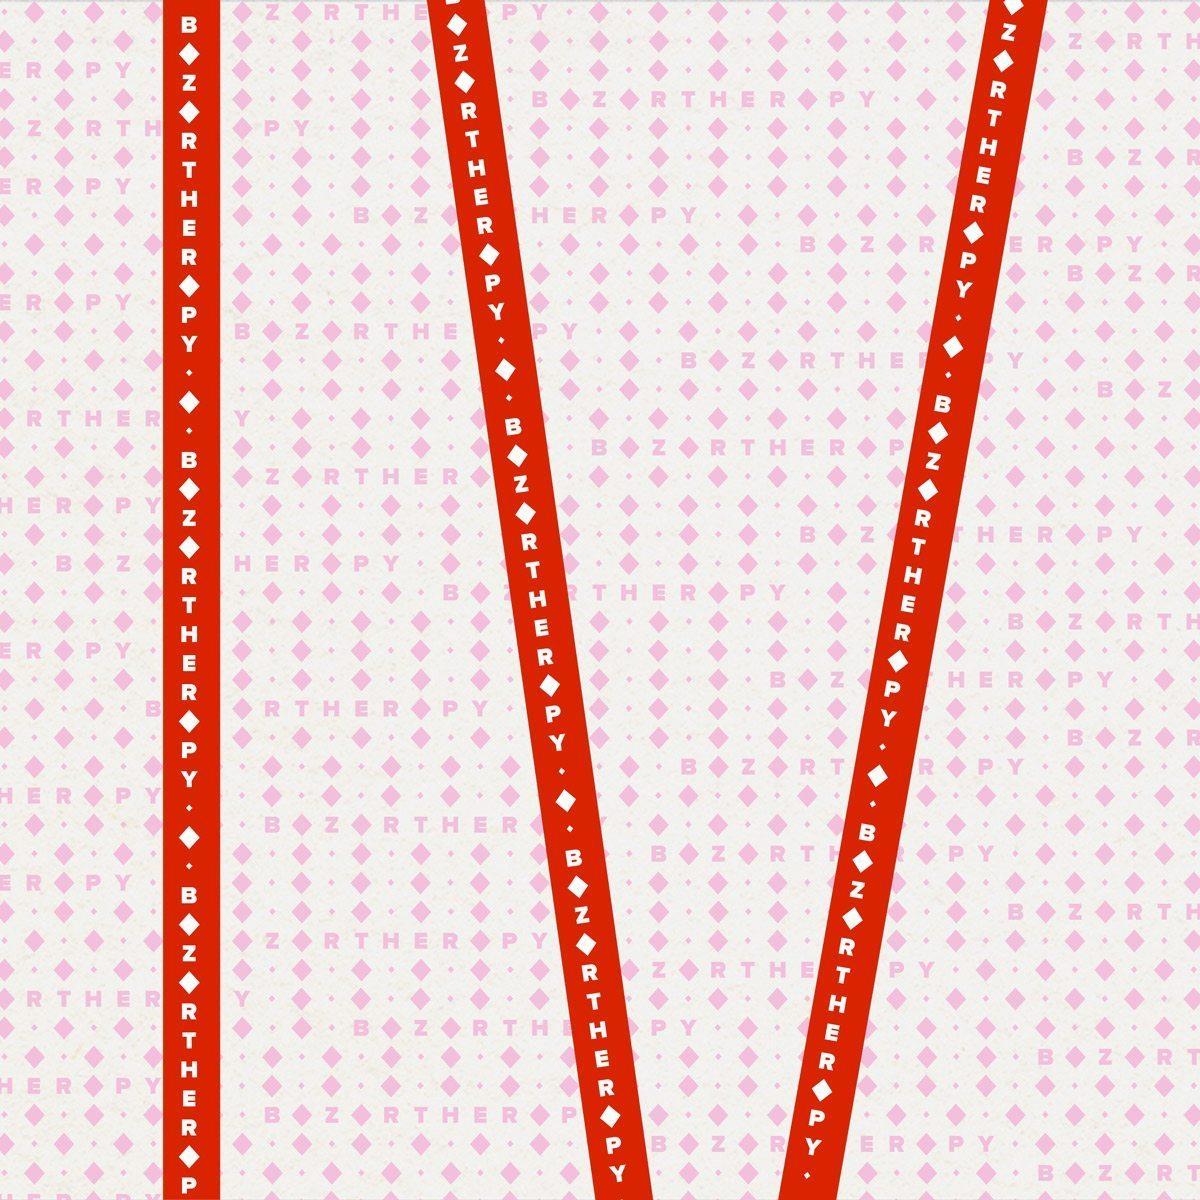 Emballage, rubans sur jolie papier pour l'identité visuelle de Bazartherapy, design Ich&Kar.